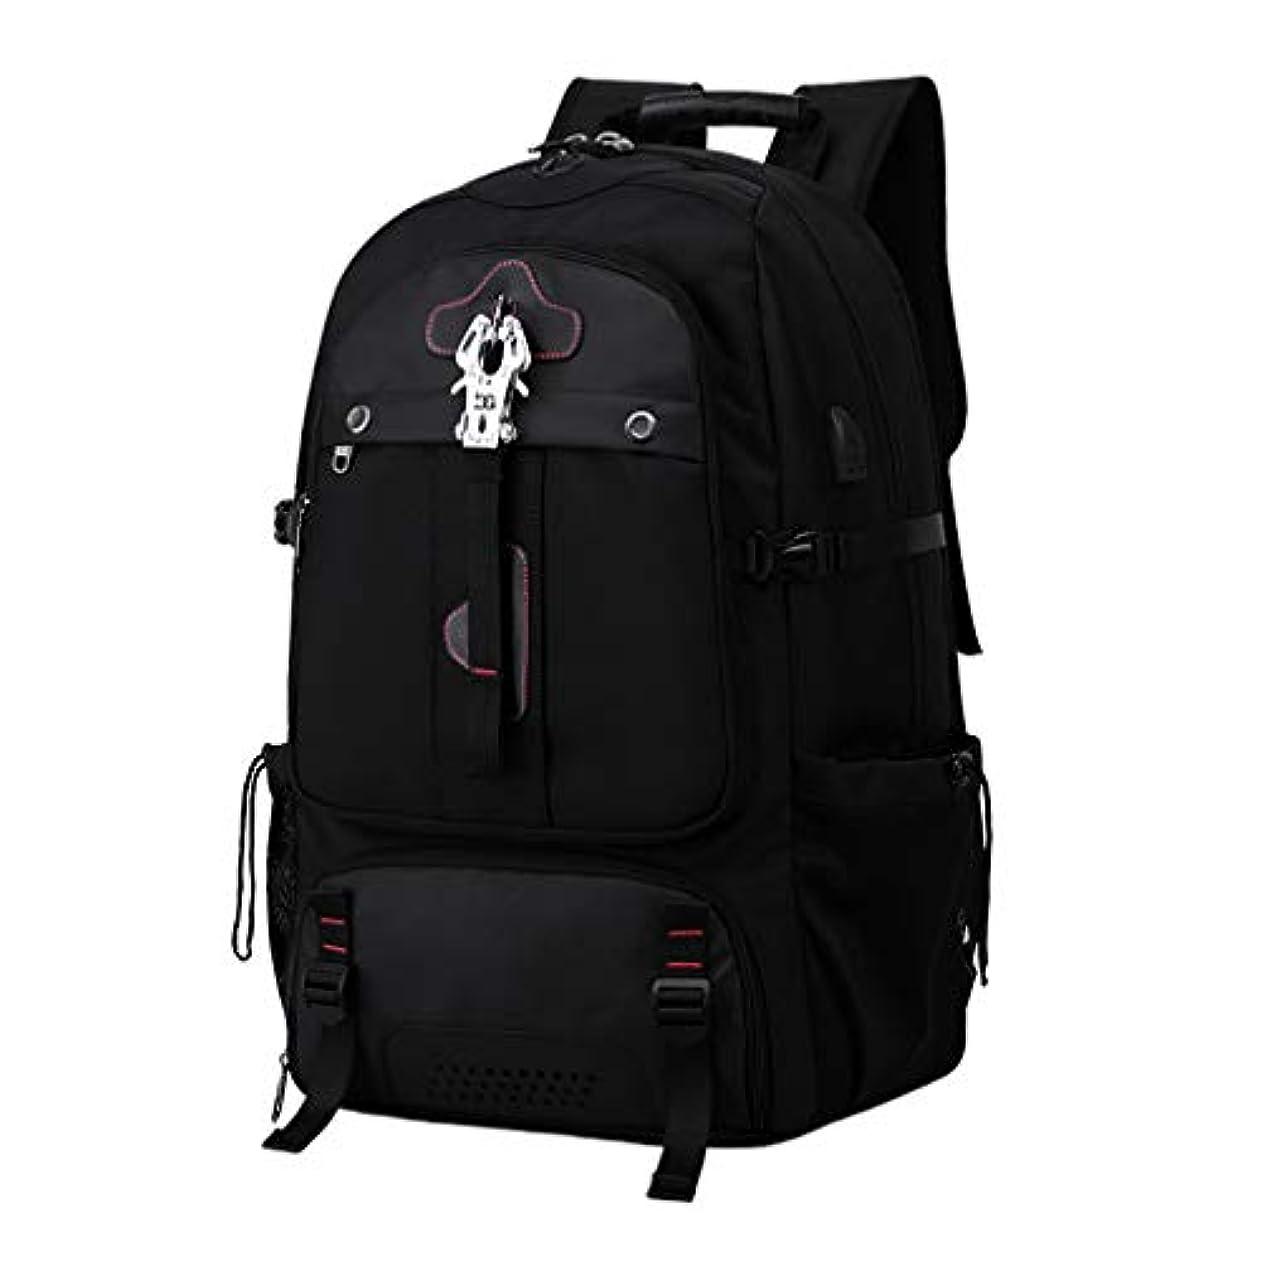 電話する後退する裏切る旅行屋外バックパックラップトップバッグ防水USB充電ポート大容量リュックサック耐久性のある耐摩耗性